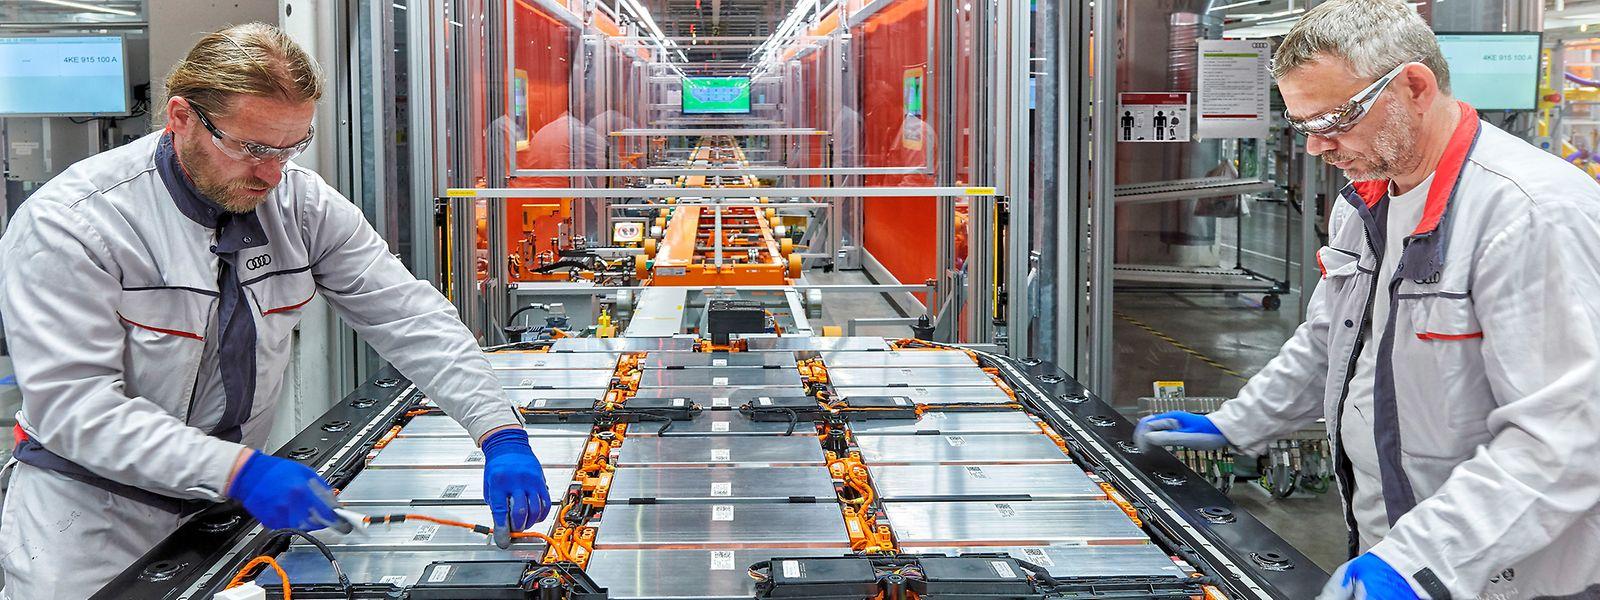 Batteriemontage im Audi-Werk Brüssel: Das 95-kWh-Akkusystem des e-tron bringt rund 700 Kilogramm auf die Waage.